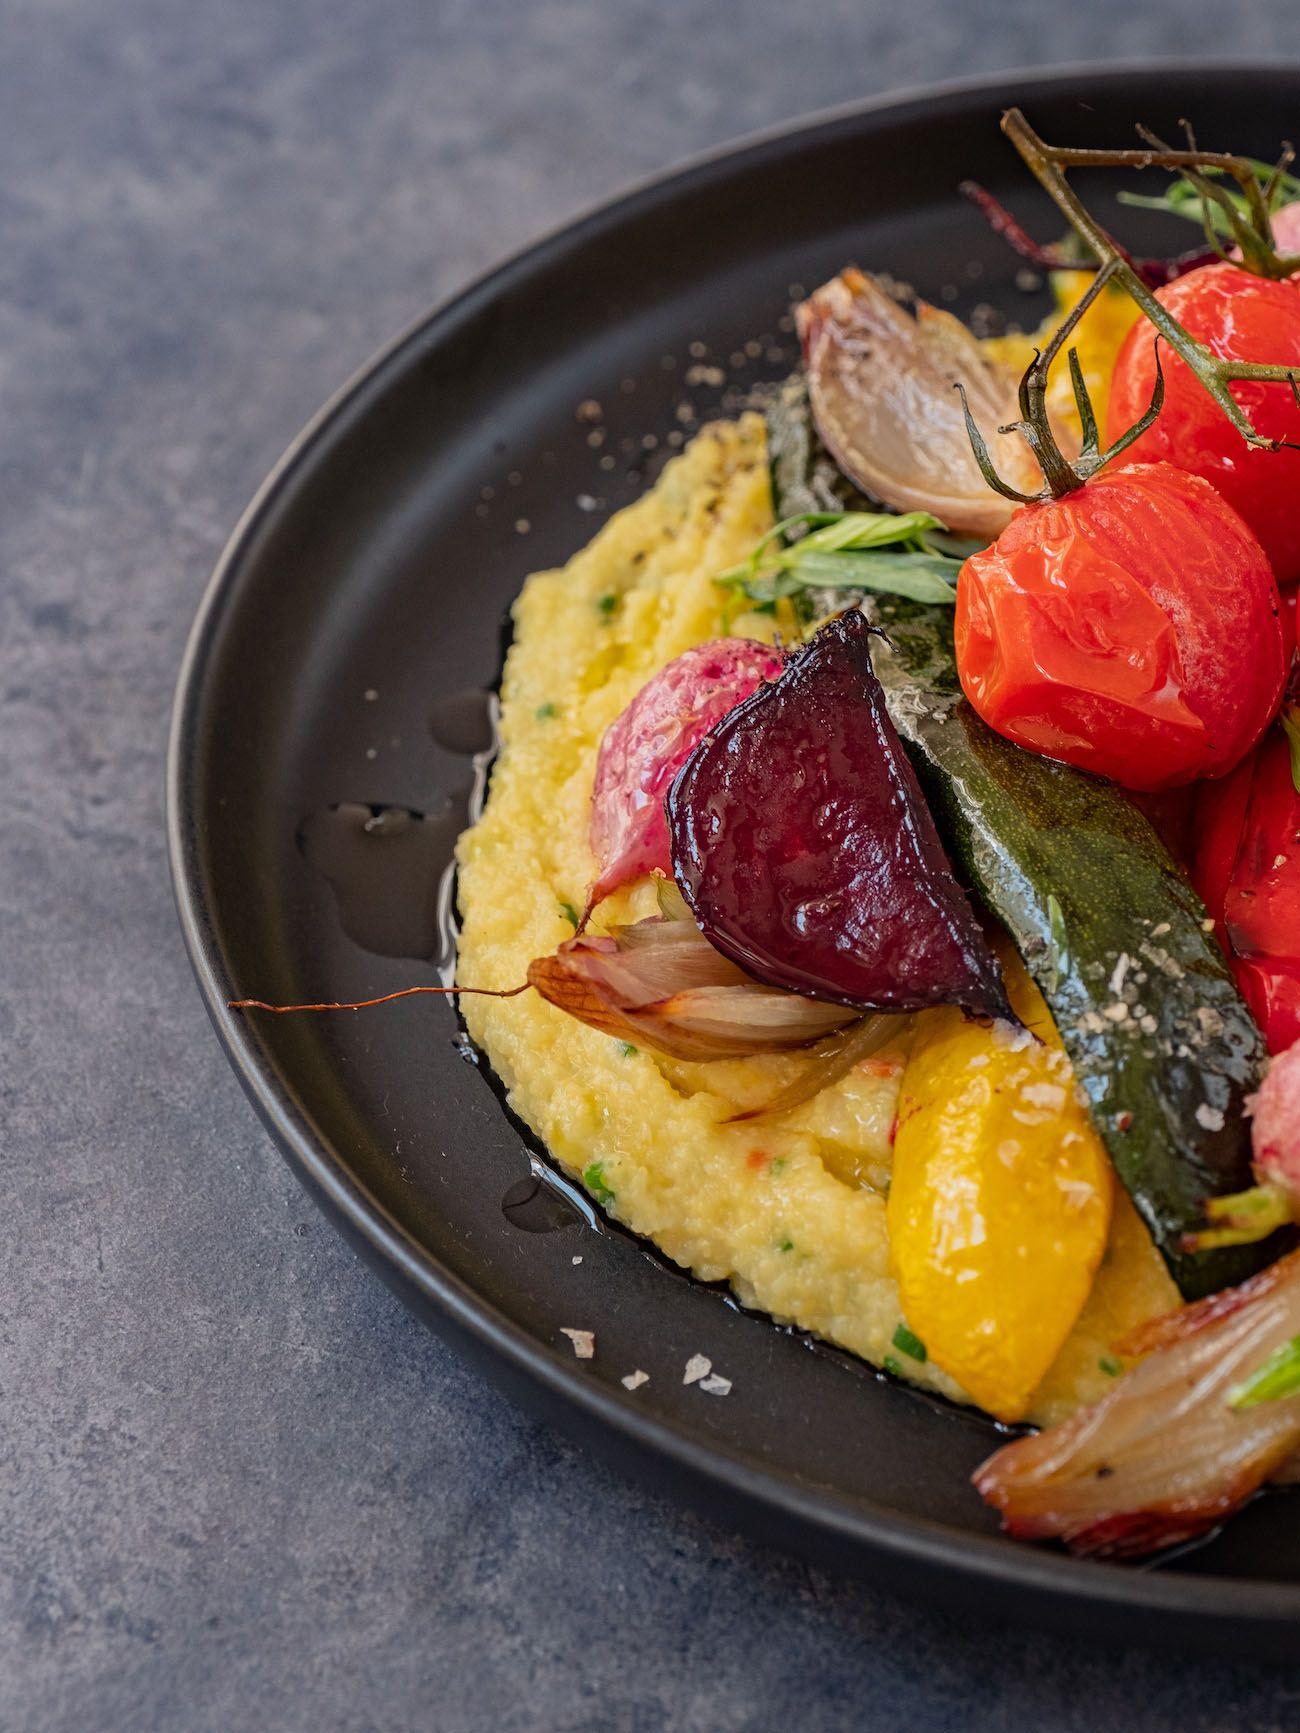 Rezept, Foodblo, About Fuel, Cremige Polenta mit Sommergemüse, Zucchini, Rote Bete, Schalotten